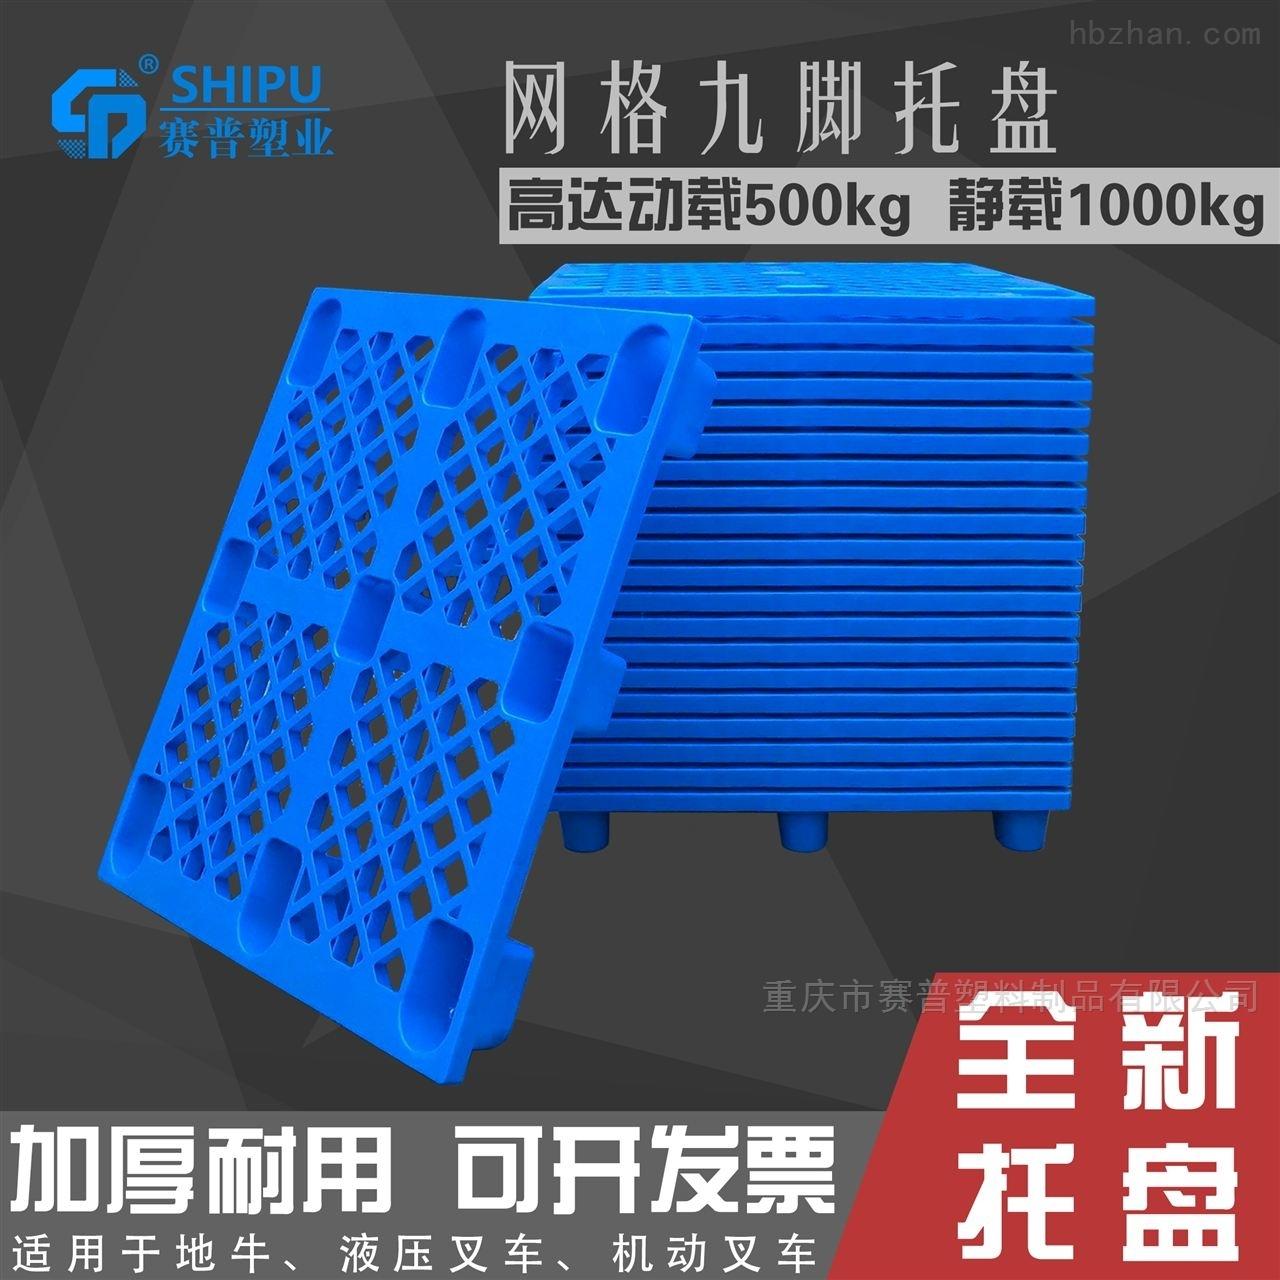 源头厂家直销九角叉车塑料托盘 卡板